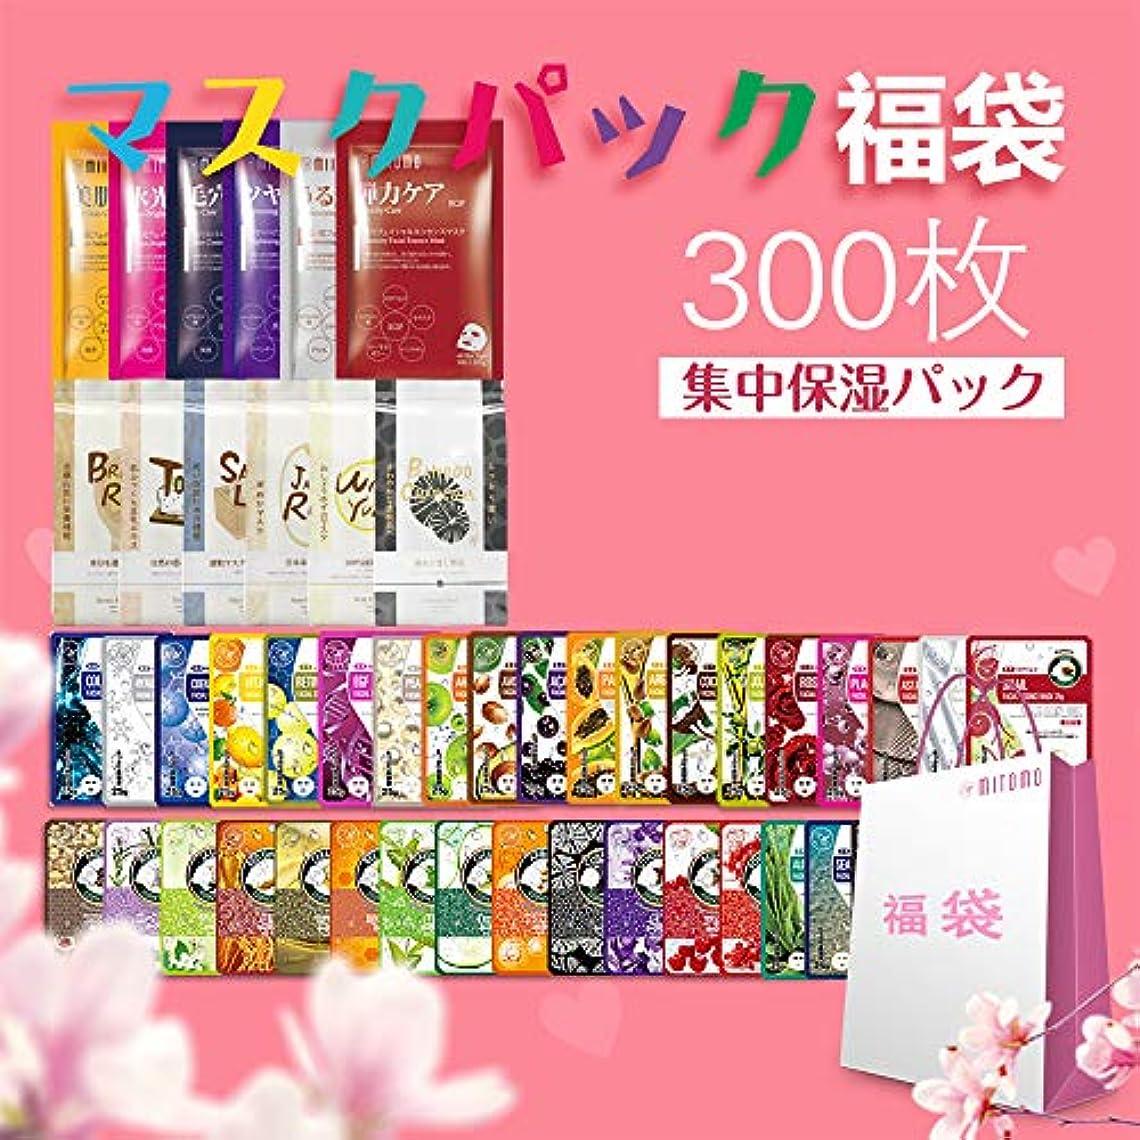 ドール変化する無実【LBSB000300】シートマスク/300枚/美容液/マスクパック/送料無料